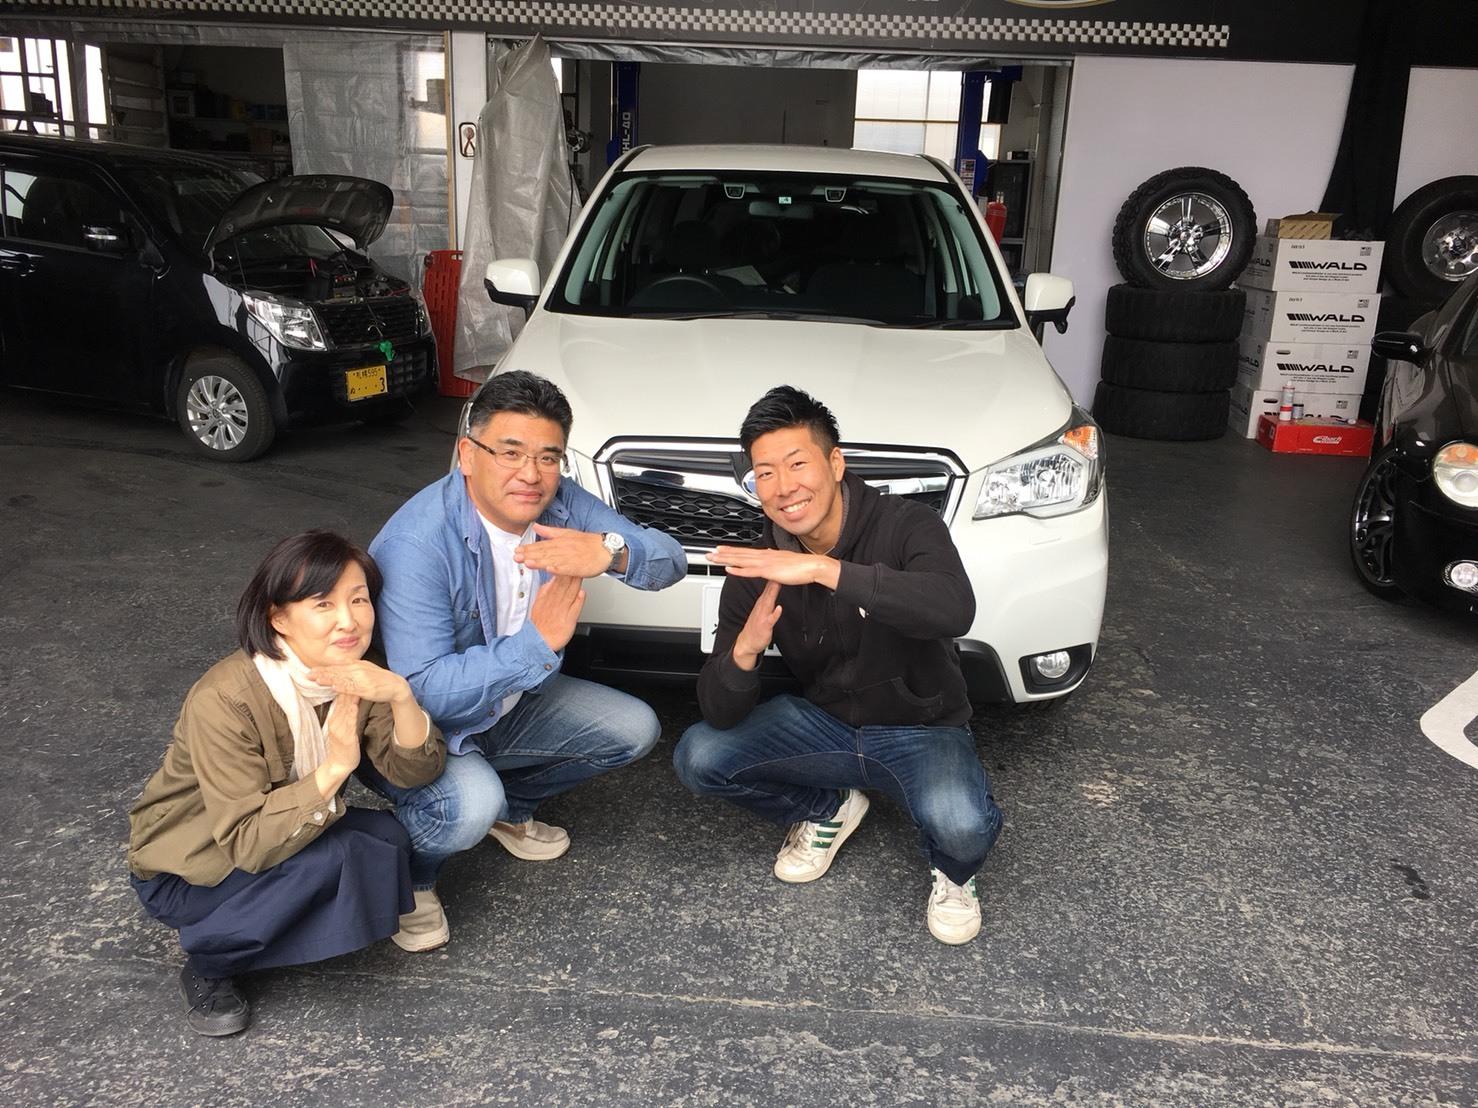 4月23日(月)トミーベース カスタムブログ☆S様キャンバス O様フォレスタ納車☆_b0127002_12031292.jpg